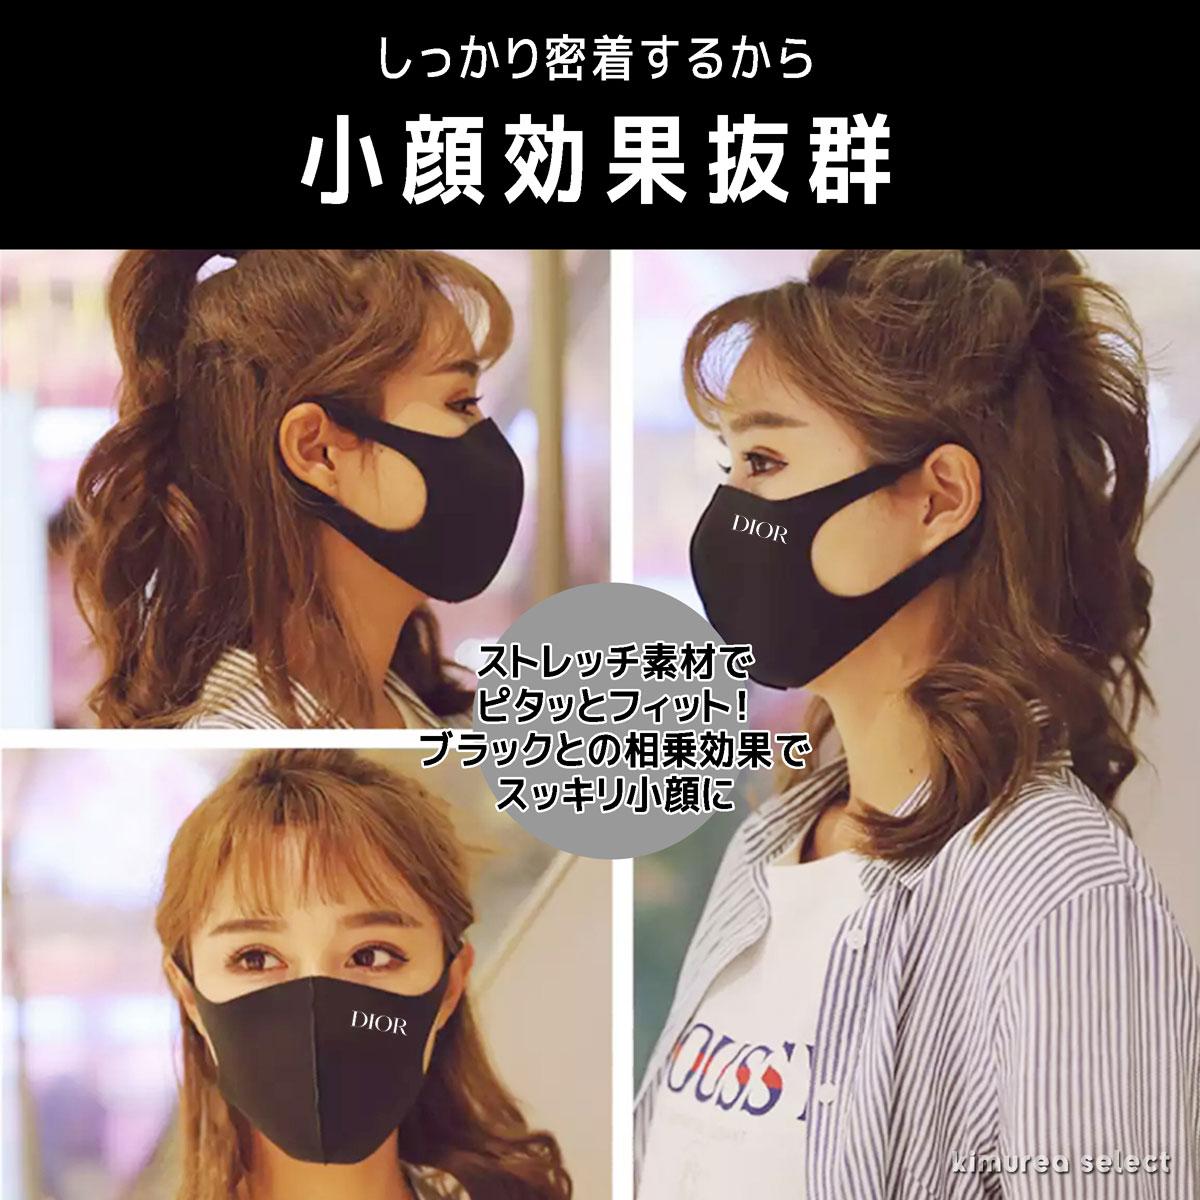 黒マスク 超薄 接触冷感 涼しいマスクコロナ対策 風邪対策 防塵 抗菌